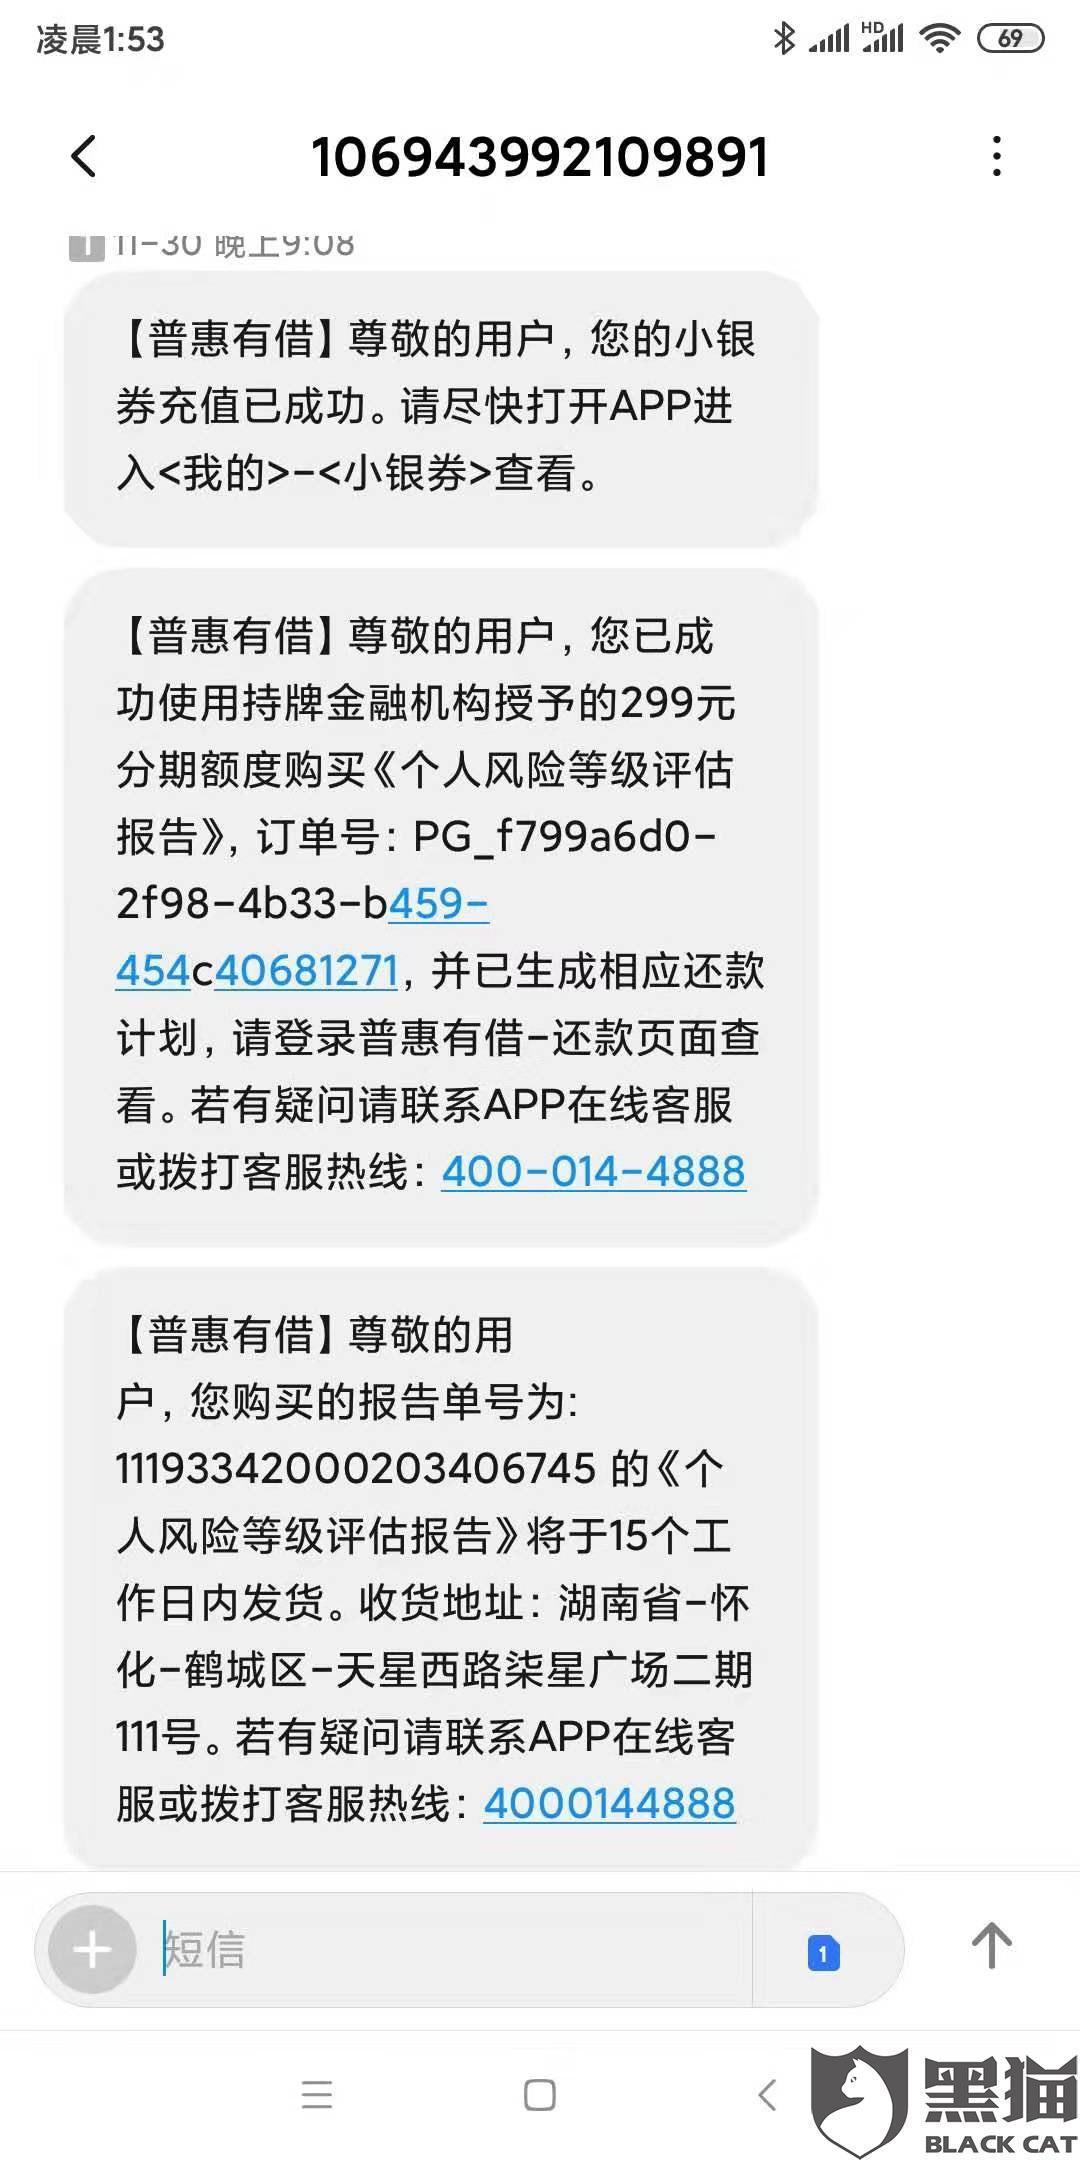 黑猫投诉:霸王条款,上海造艺科技有限公司旗下普惠有借。